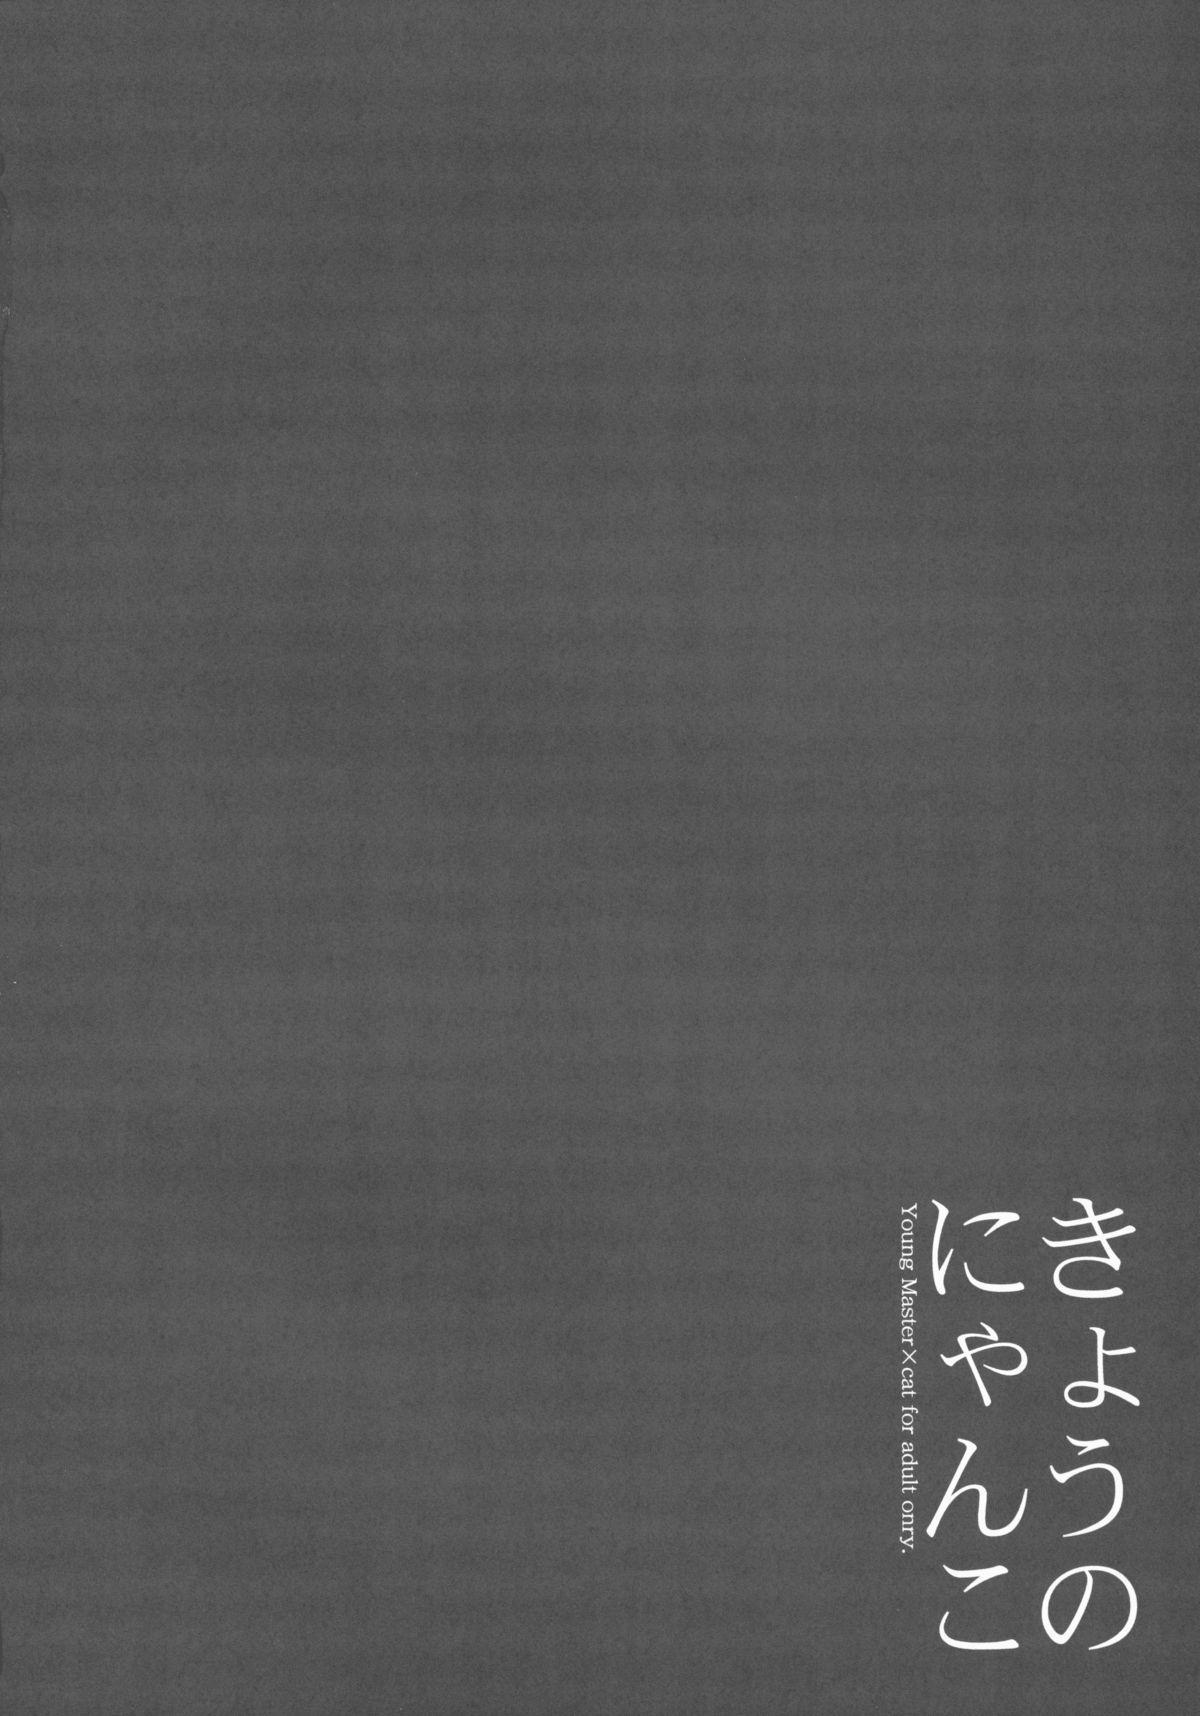 Kyou no Nyanko LoliCo 04 2